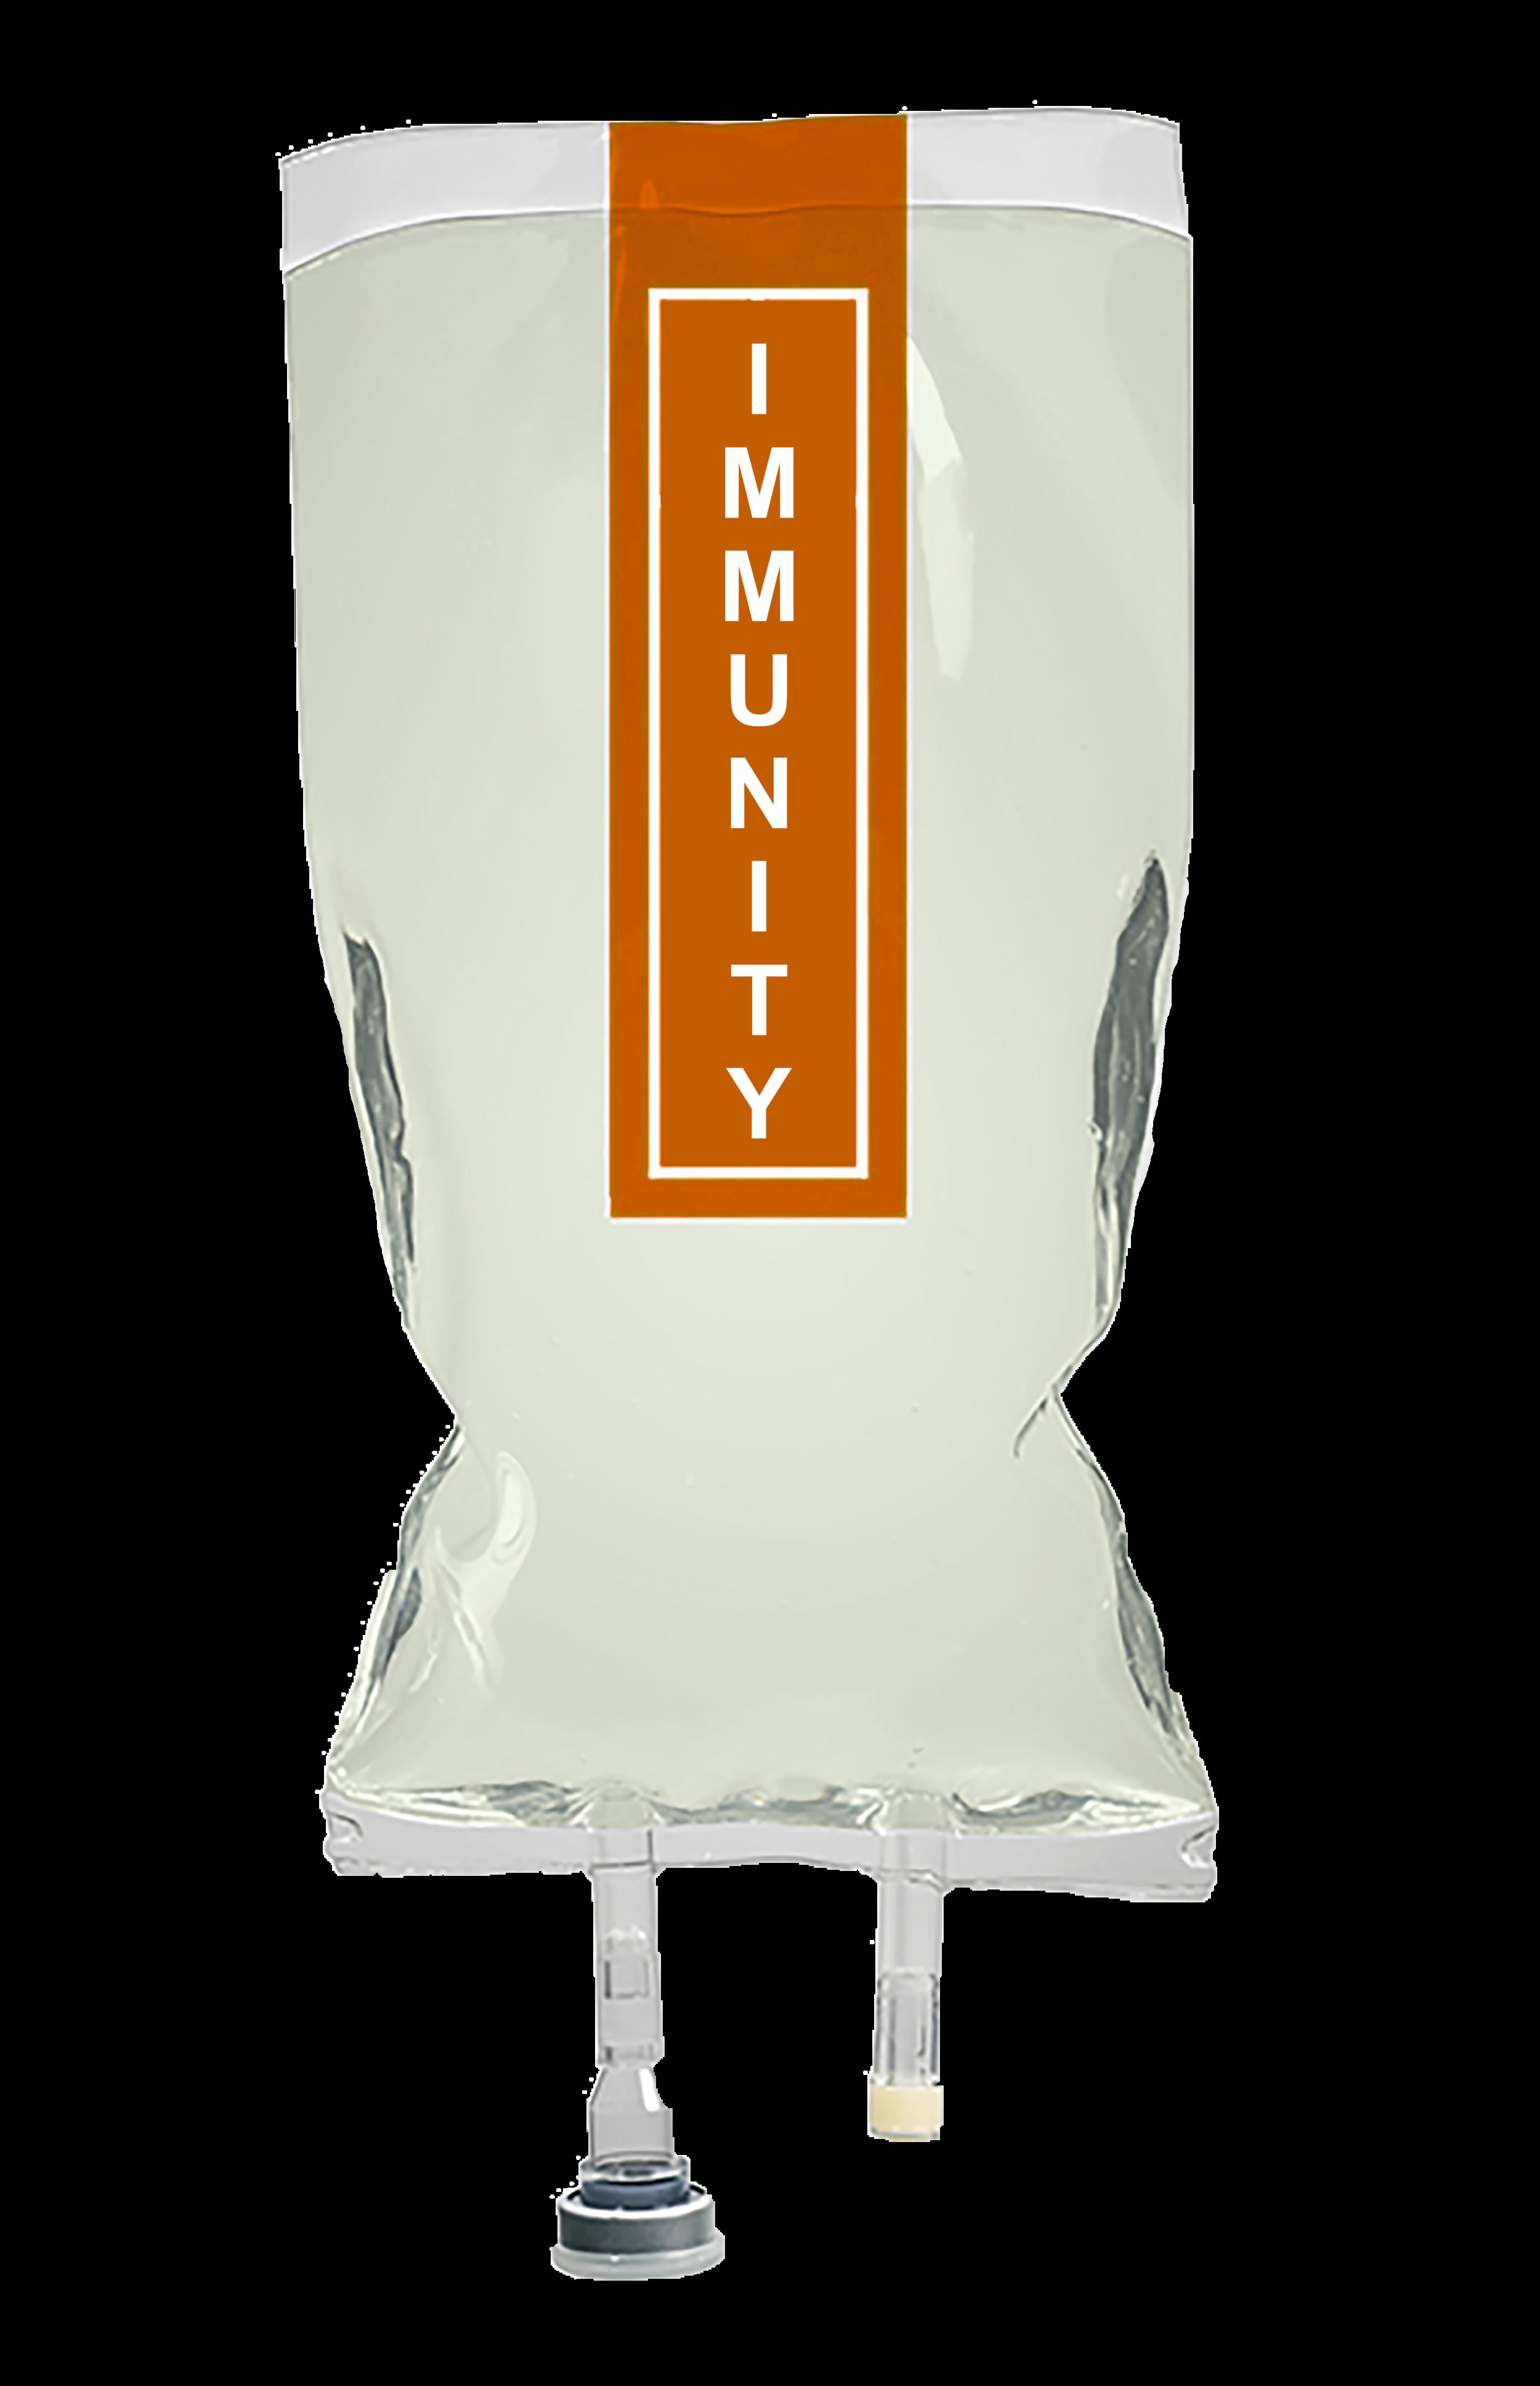 Immunity (2).png